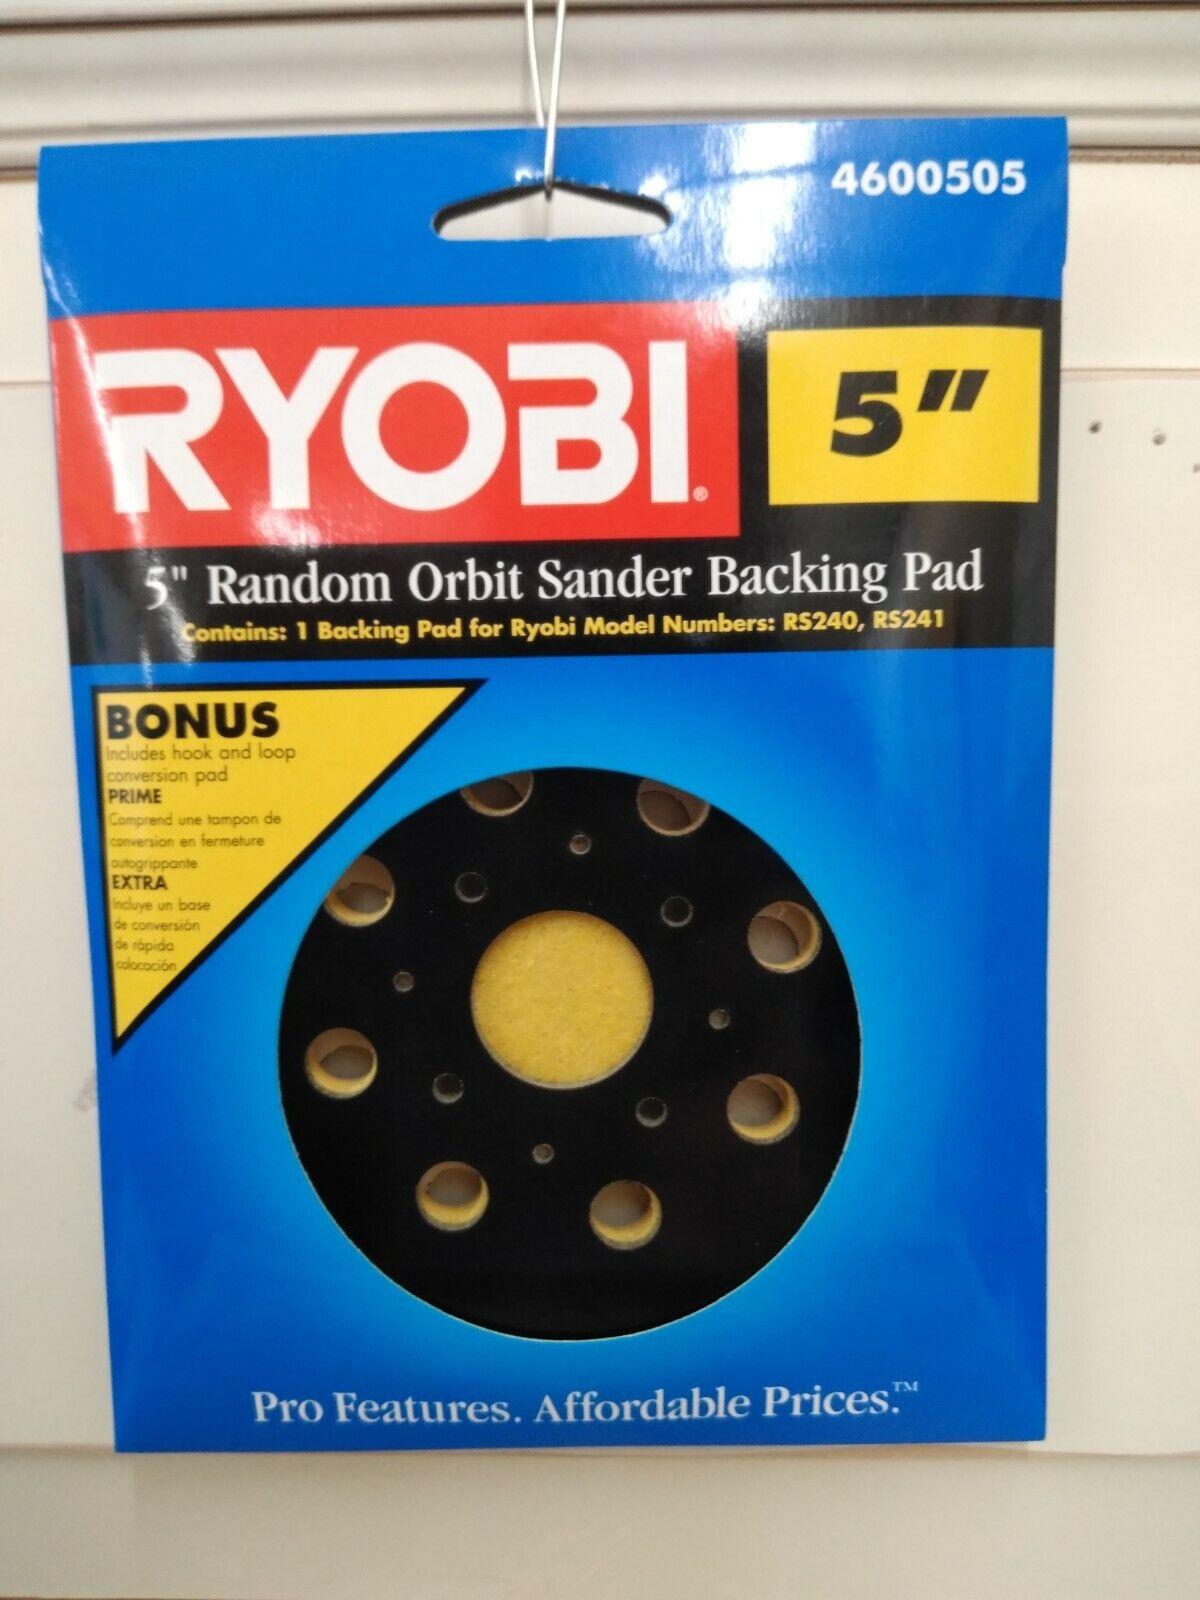 Ryobi 5 in Backer Pad for Orbital Sanders